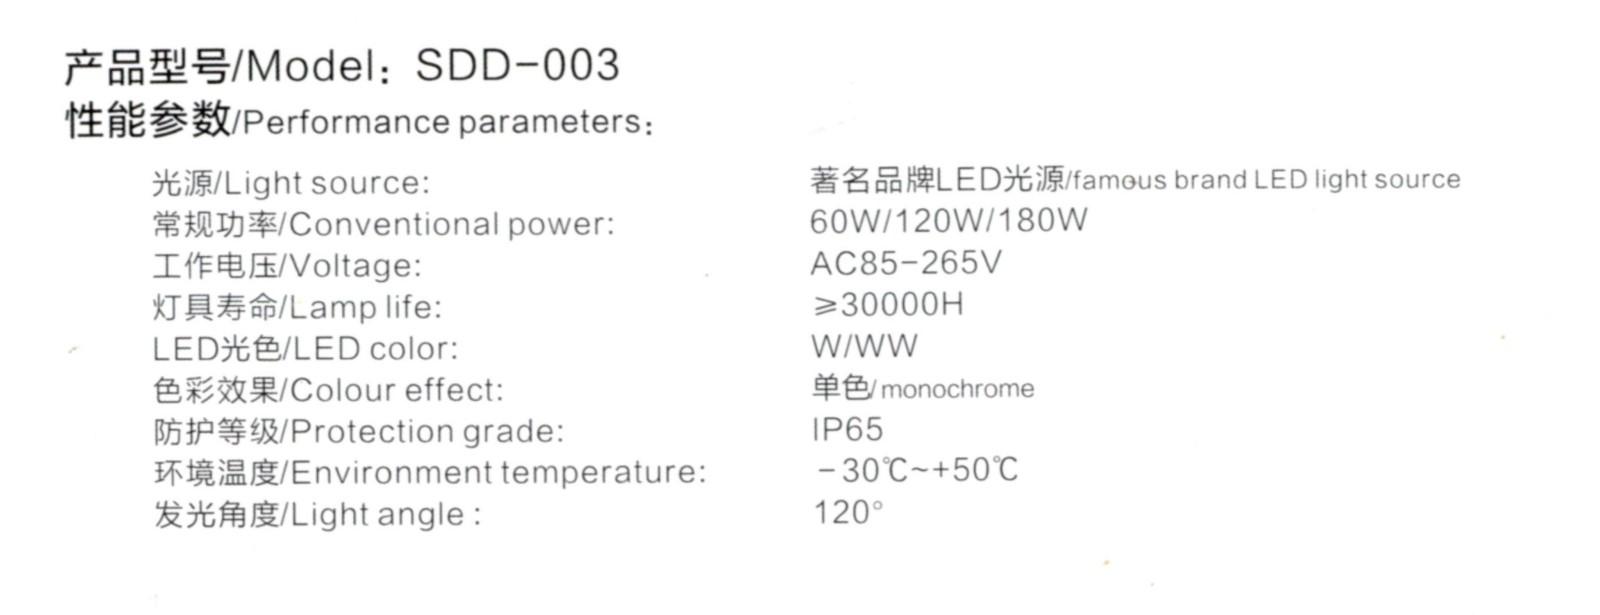 LED隧道灯Model∶SDD-003参数.jpg